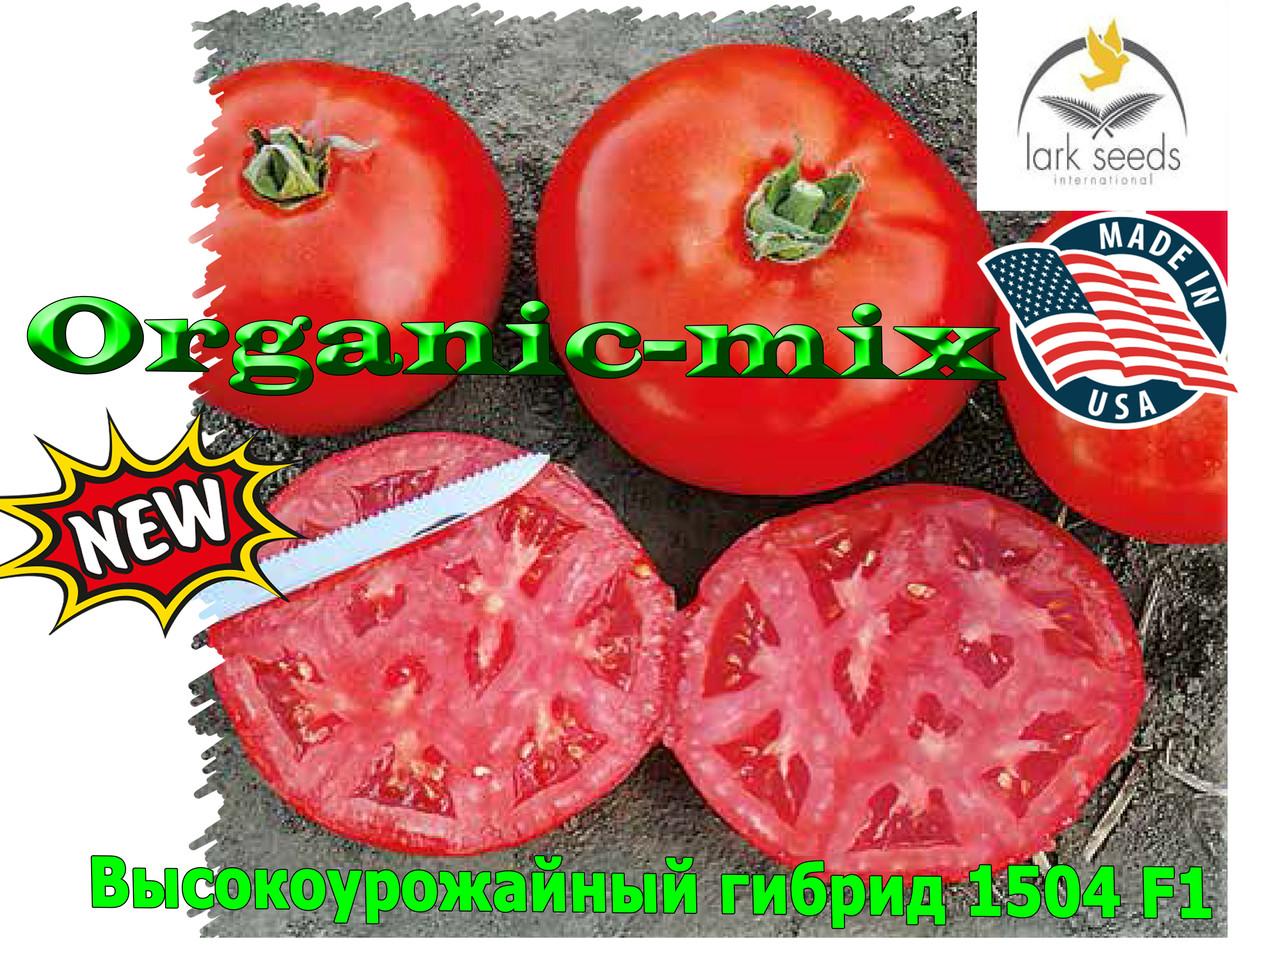 """Семена, томат 1504 F1 (крупный высокоурожайный) ТМ """"Lark Seeds (США), упаковка 500 семян"""